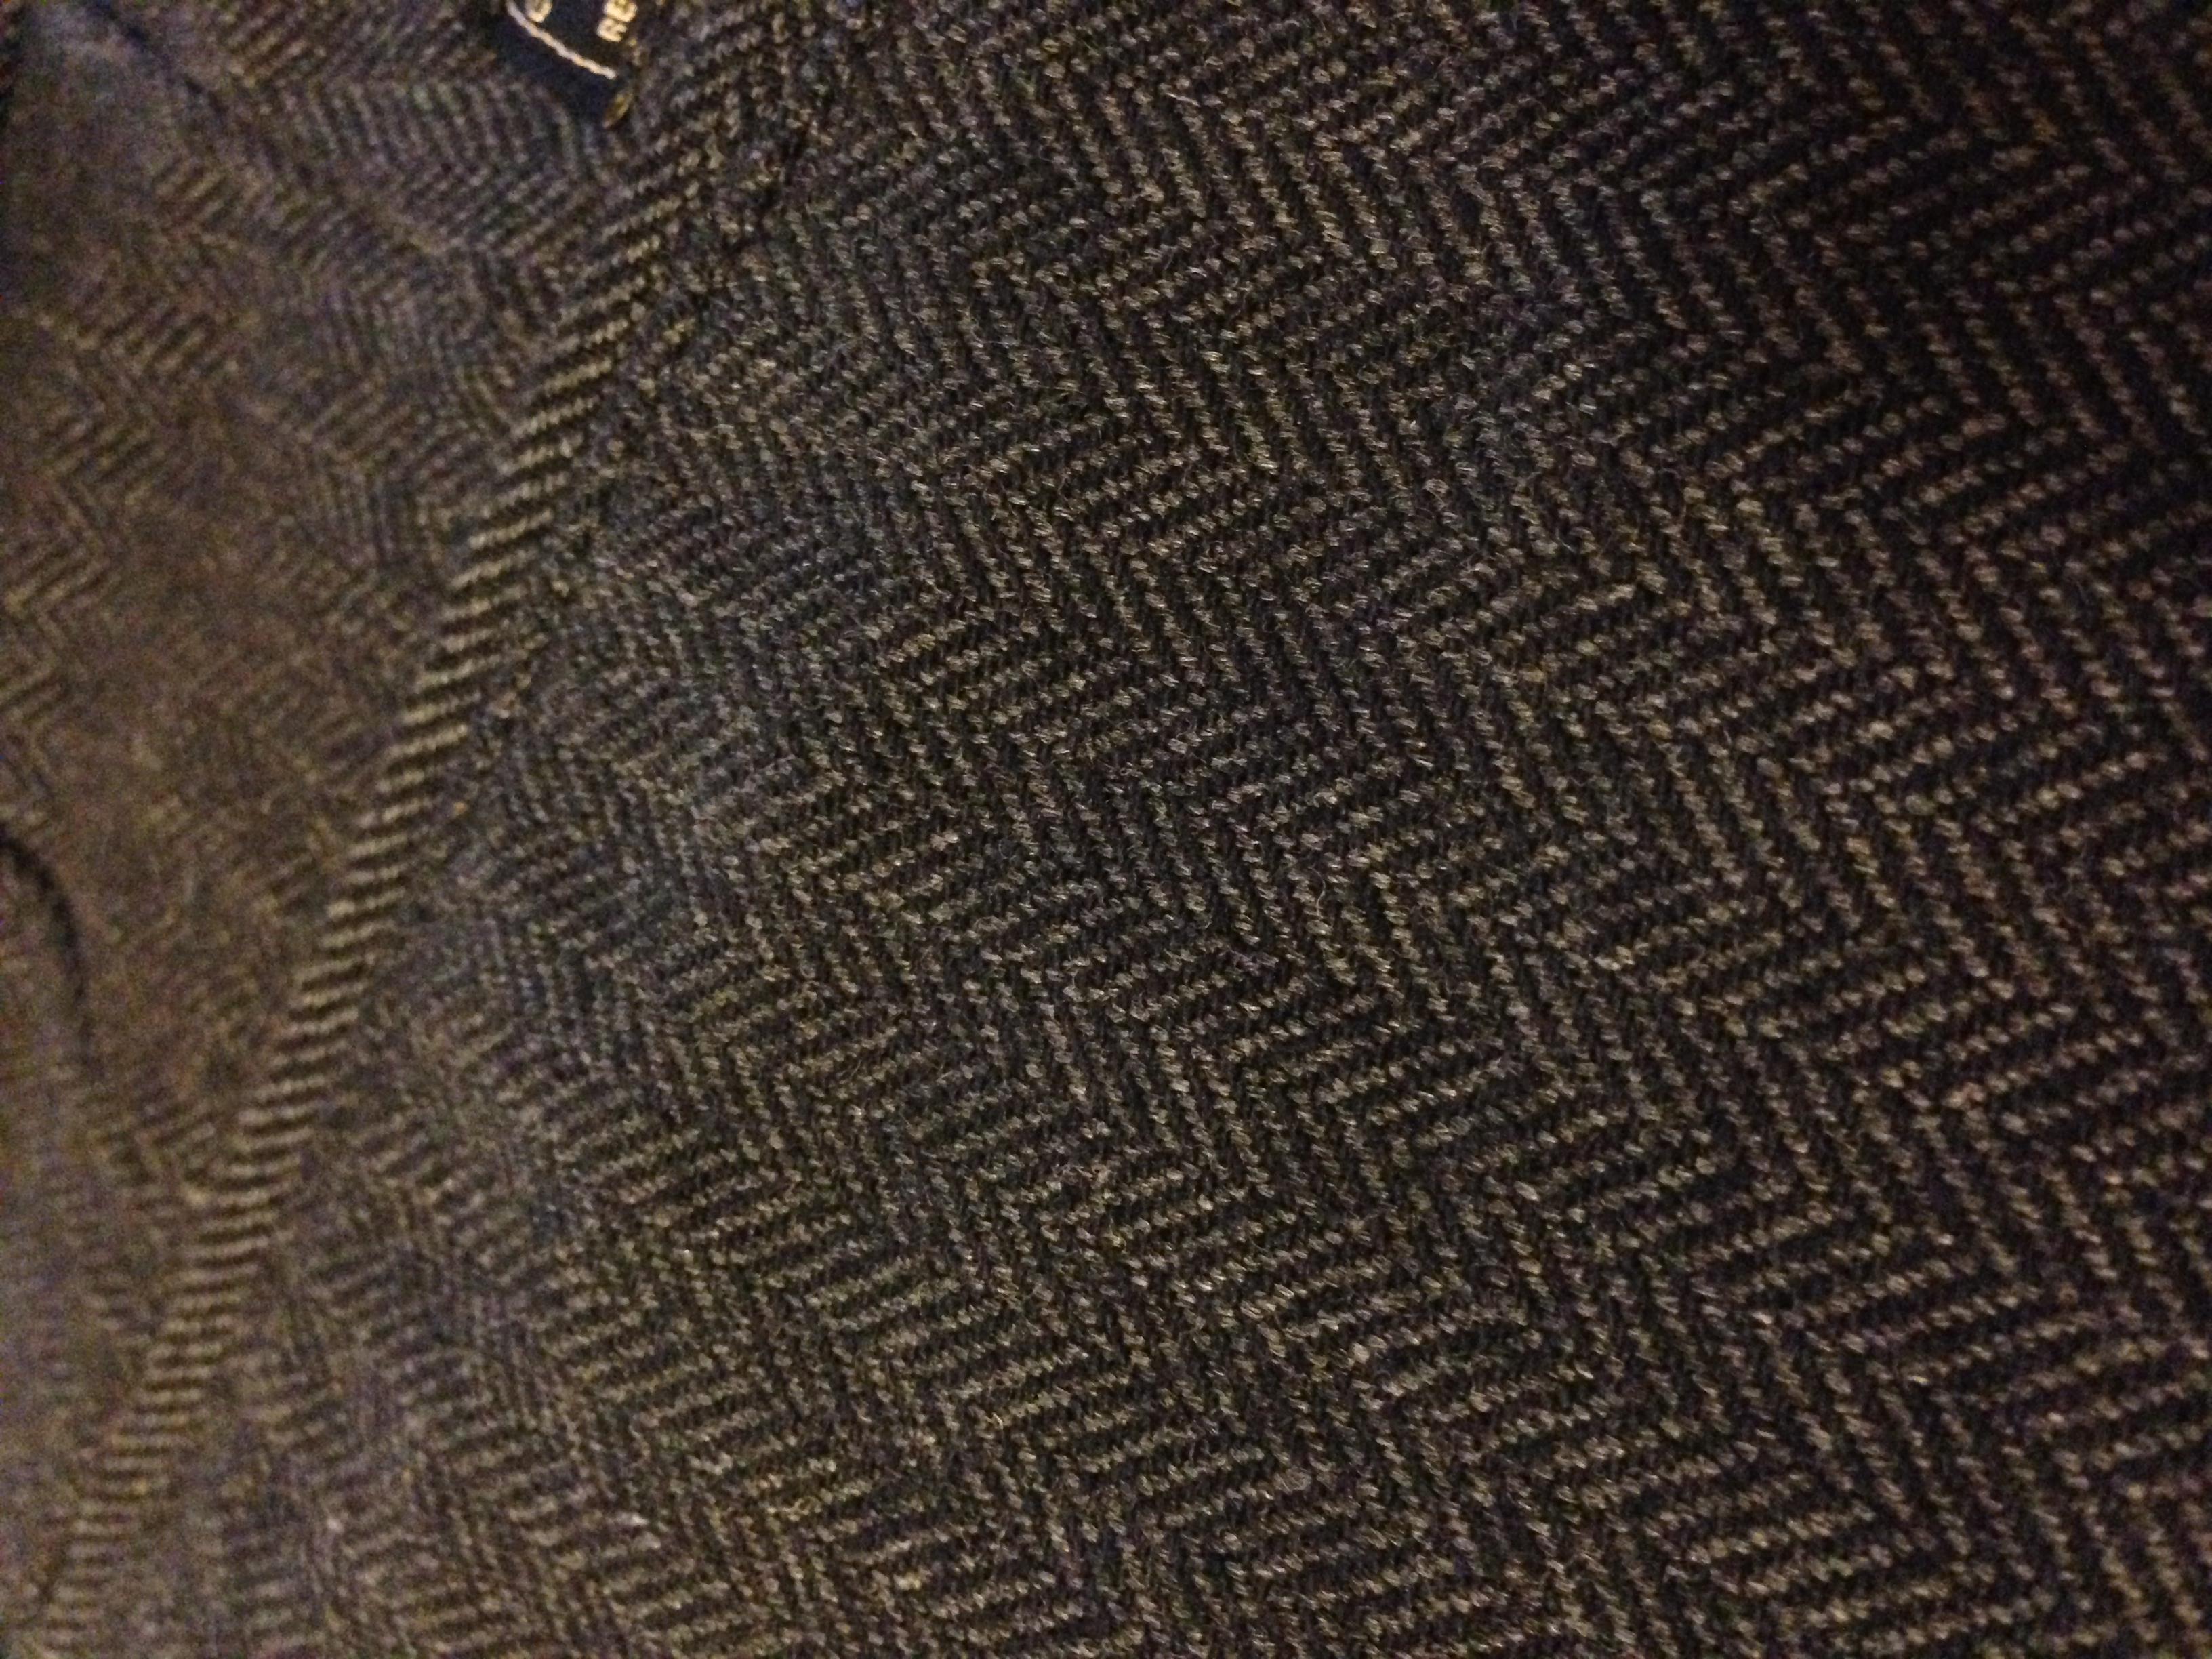 100 baumwolle hose wird die beim waschen enger oder weiter. Black Bedroom Furniture Sets. Home Design Ideas